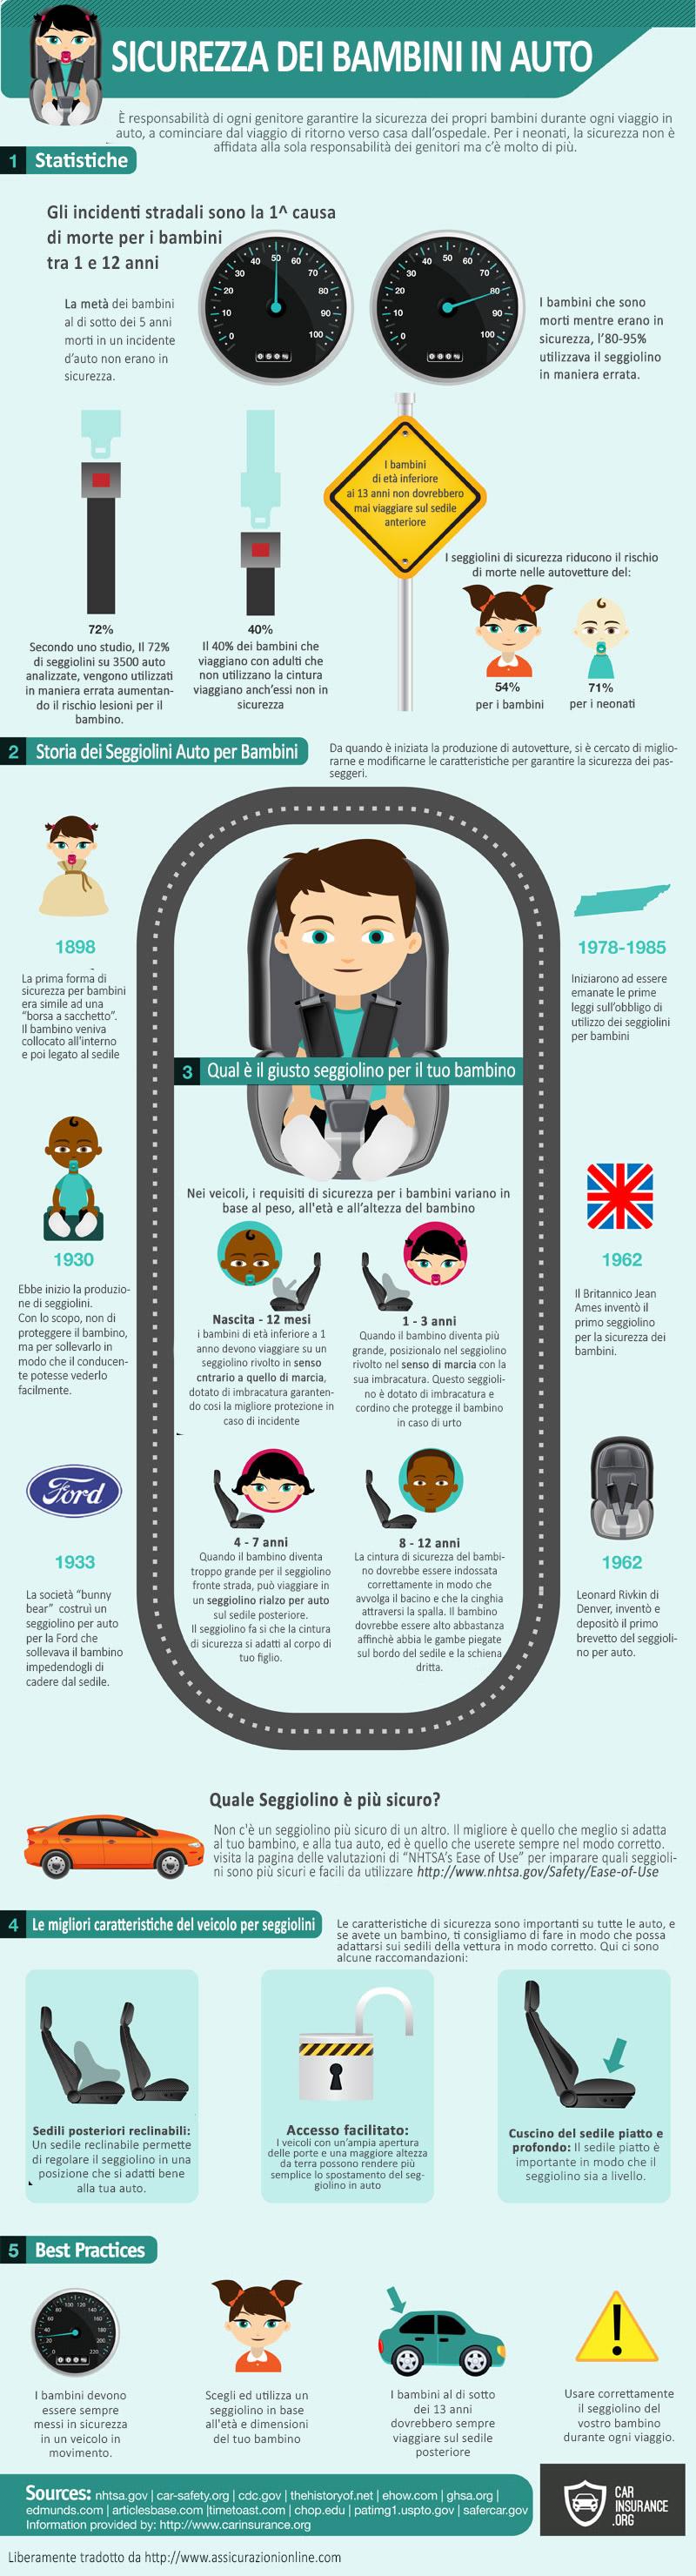 infografica sulla sicurezza dei bambini in auto